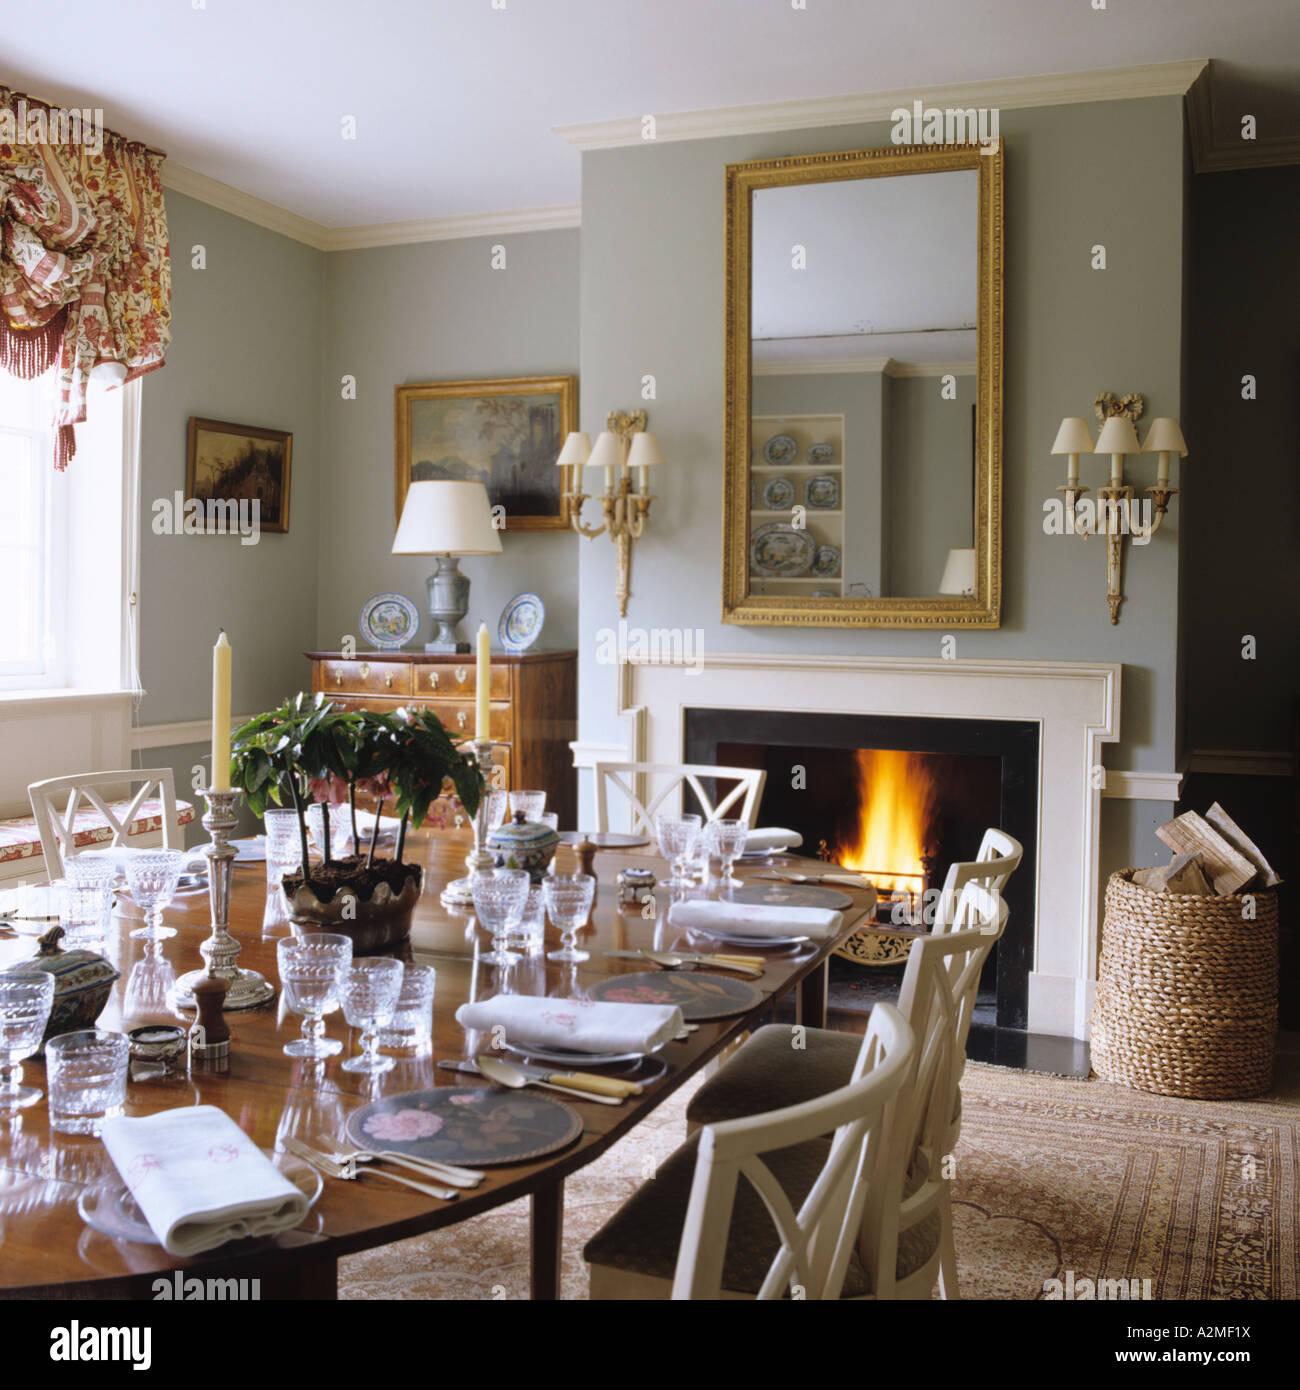 Salle A Manger Avec Table Et Allume Le Feu En Anglais Country House